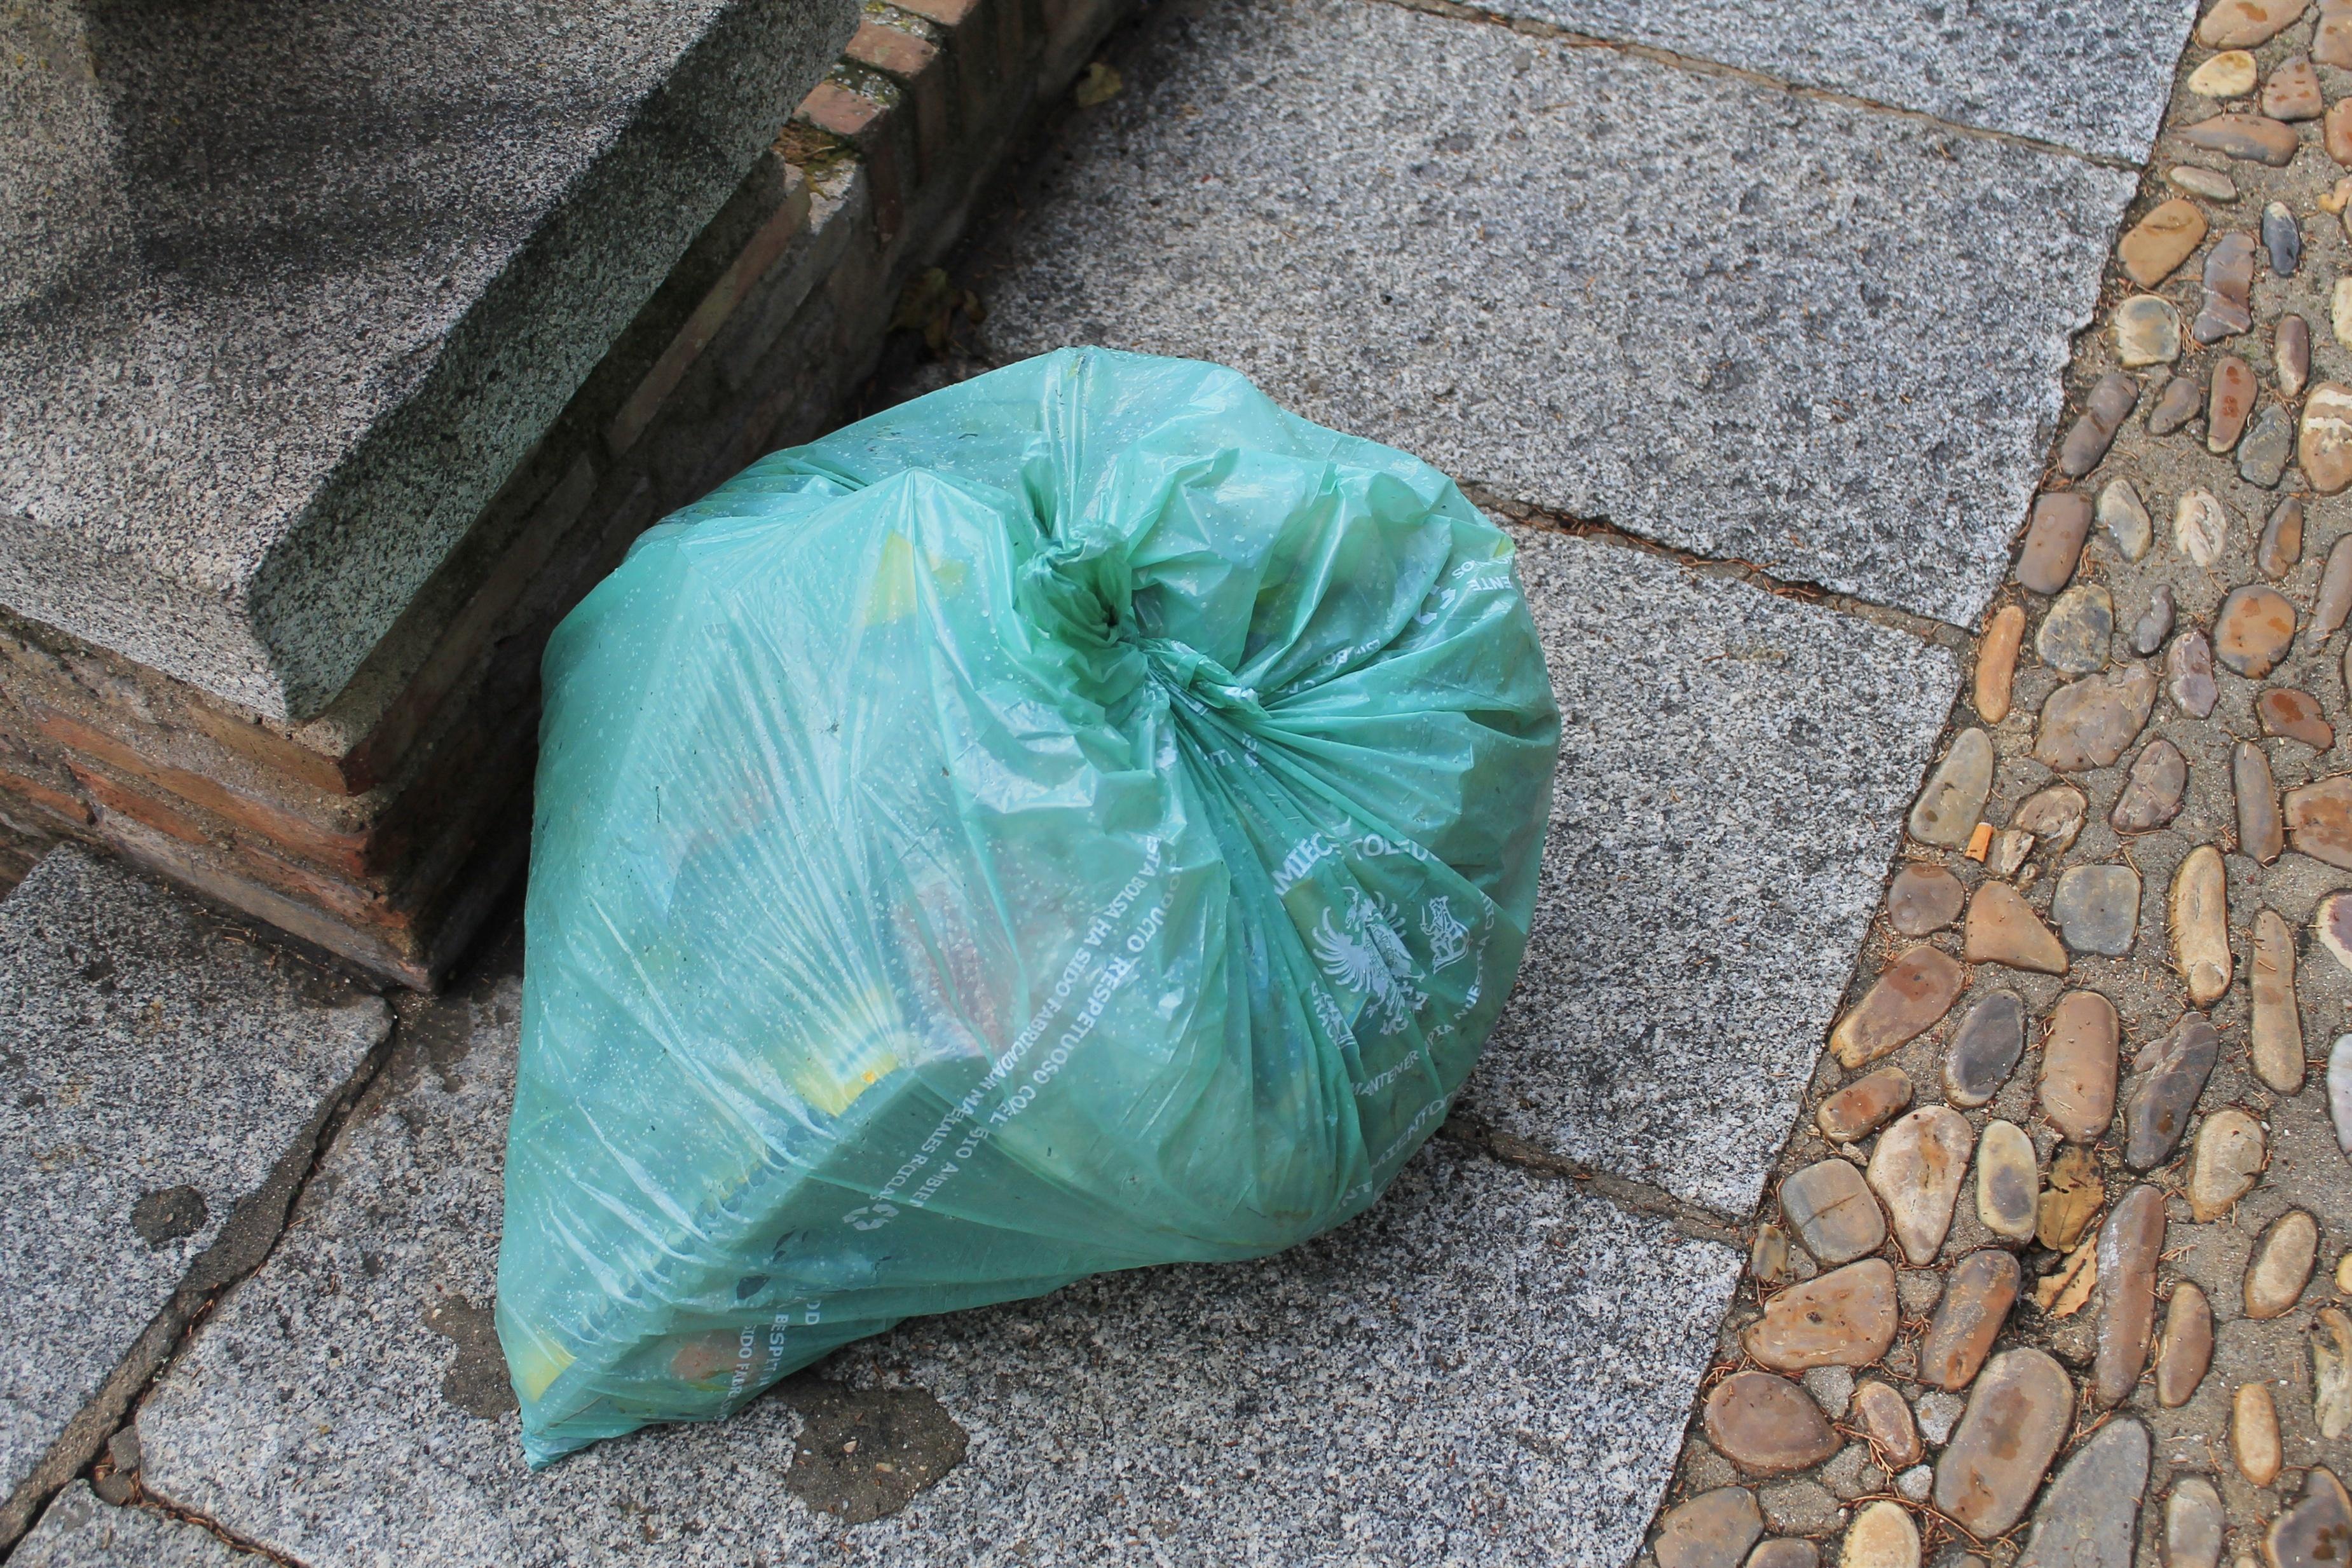 Ciudad Real dejará de tener recogida de basura las noches del sábado al domingo y festivos a partir de este viernes